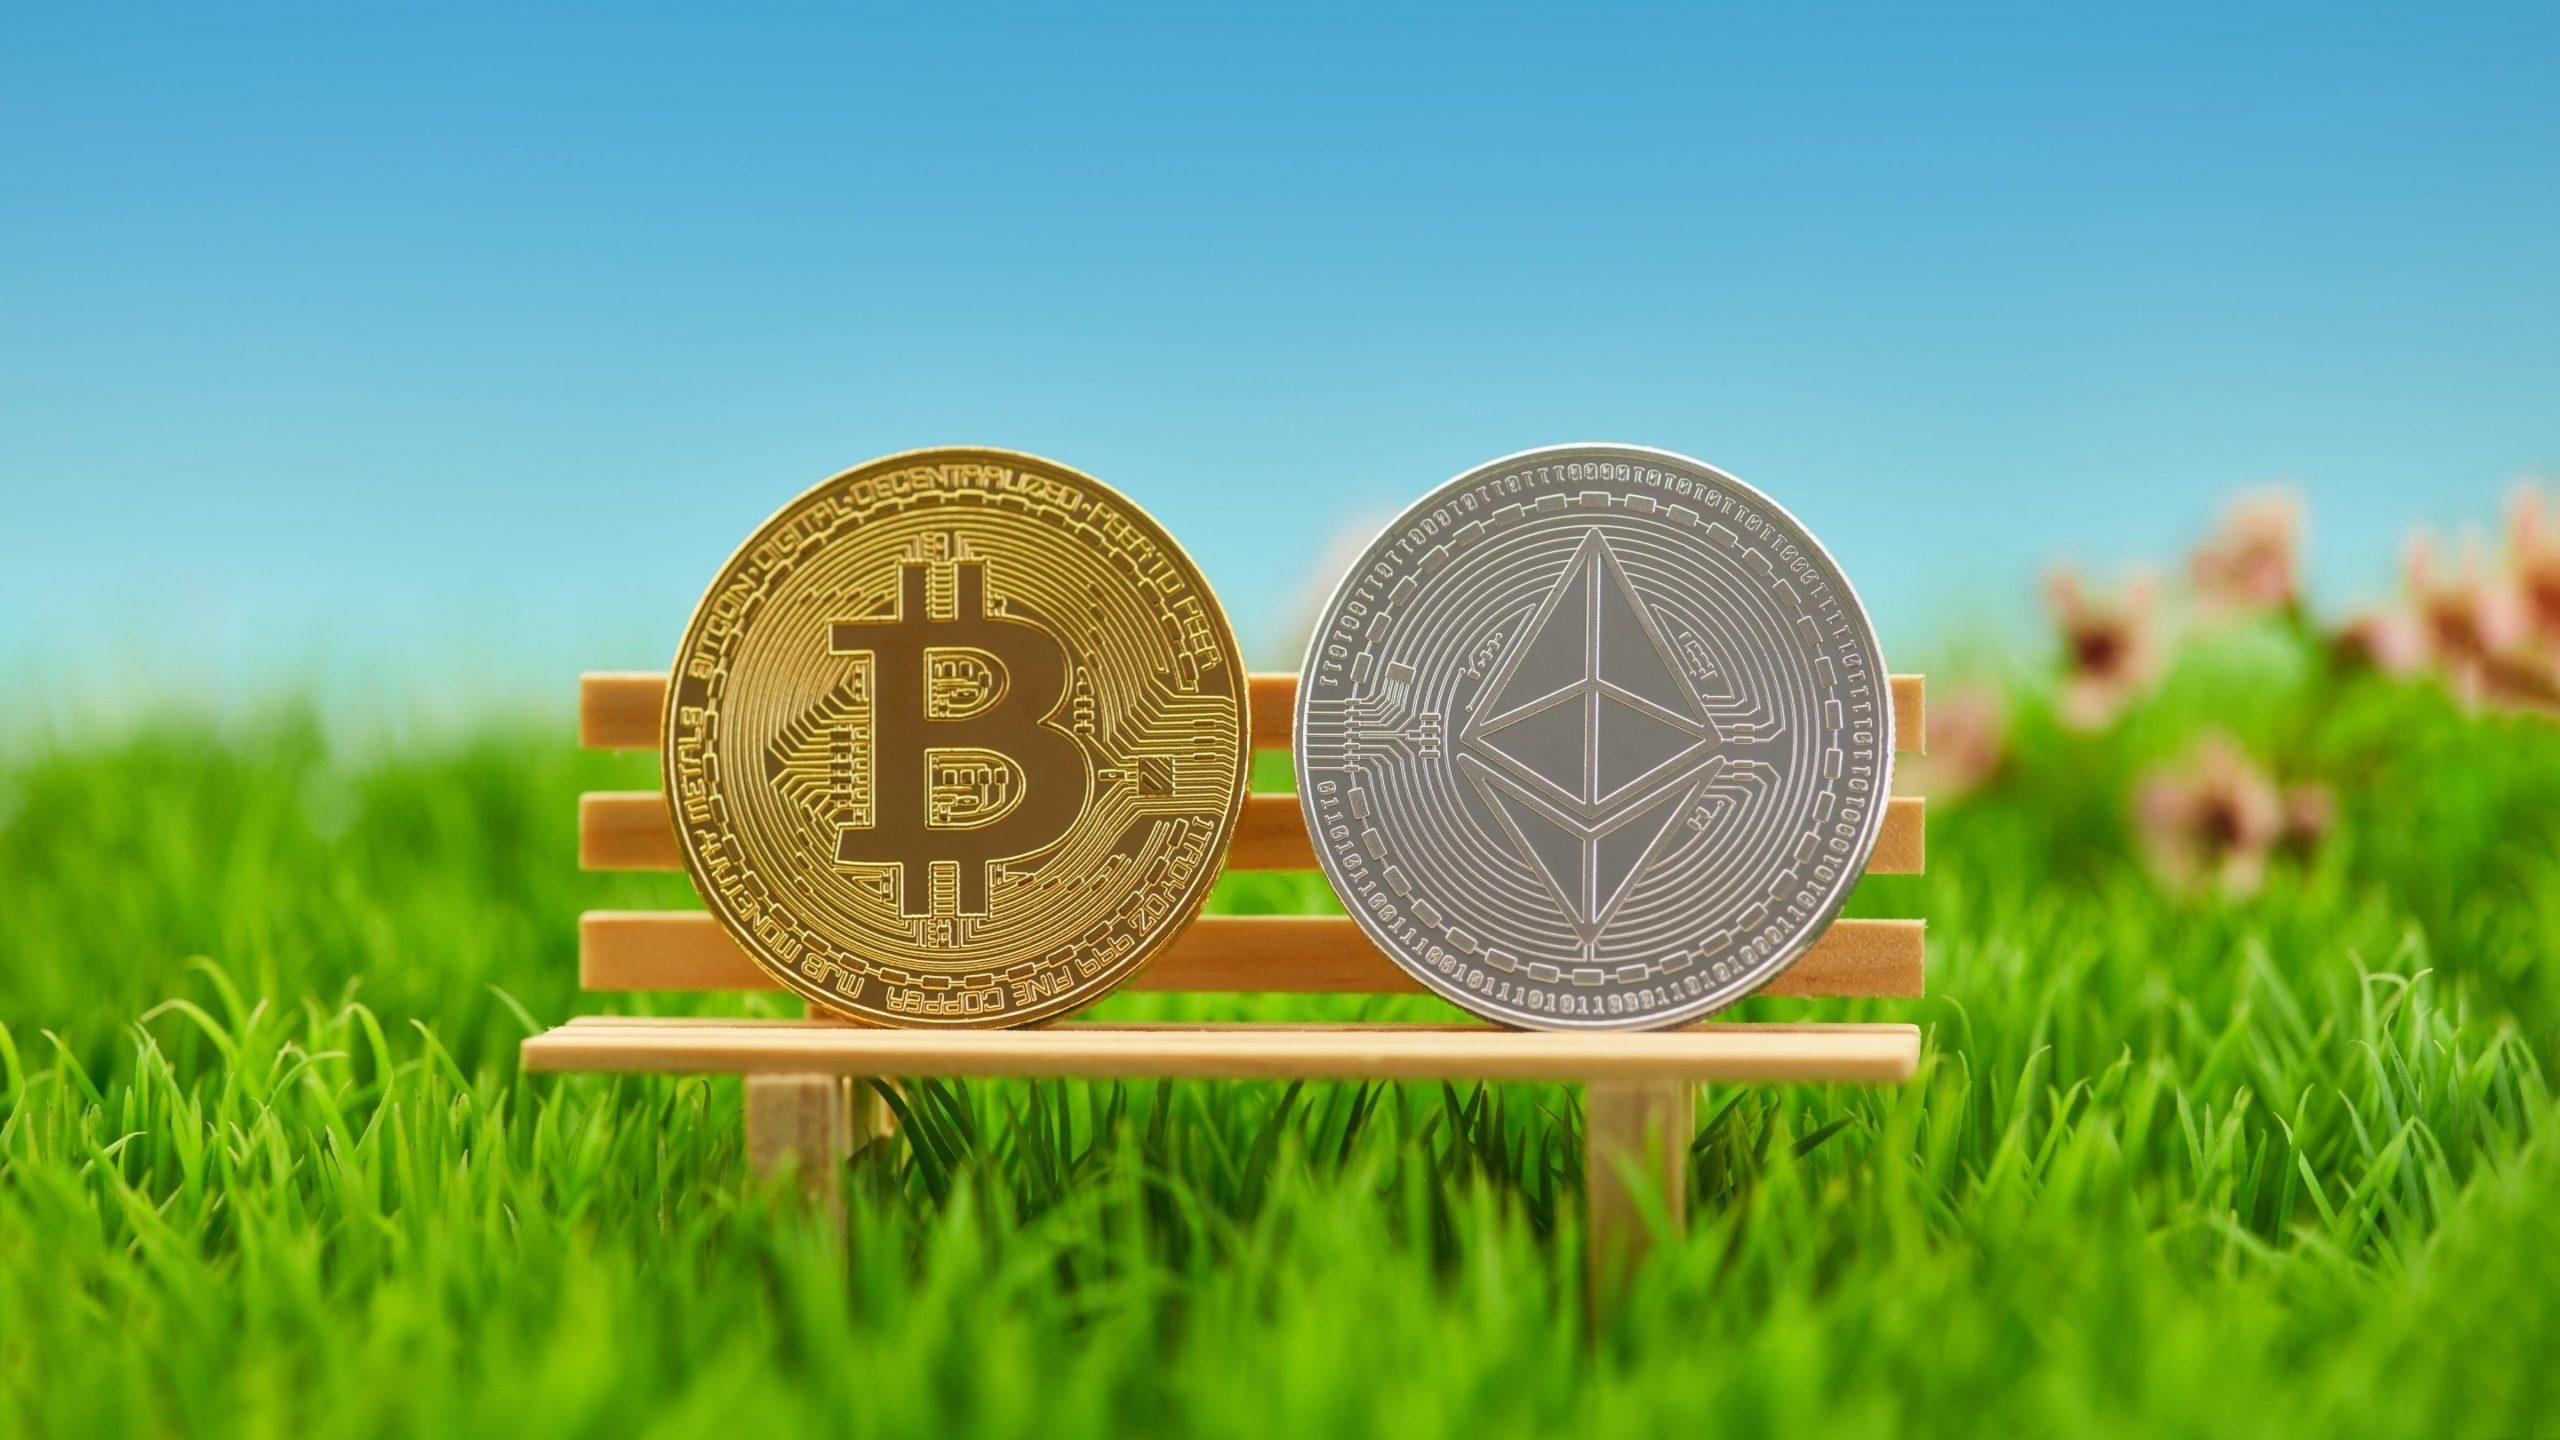 ekonomiste gore ethereum eth bitcoin btc rallisini taklit ederek 20 000 dolara ulasabilir